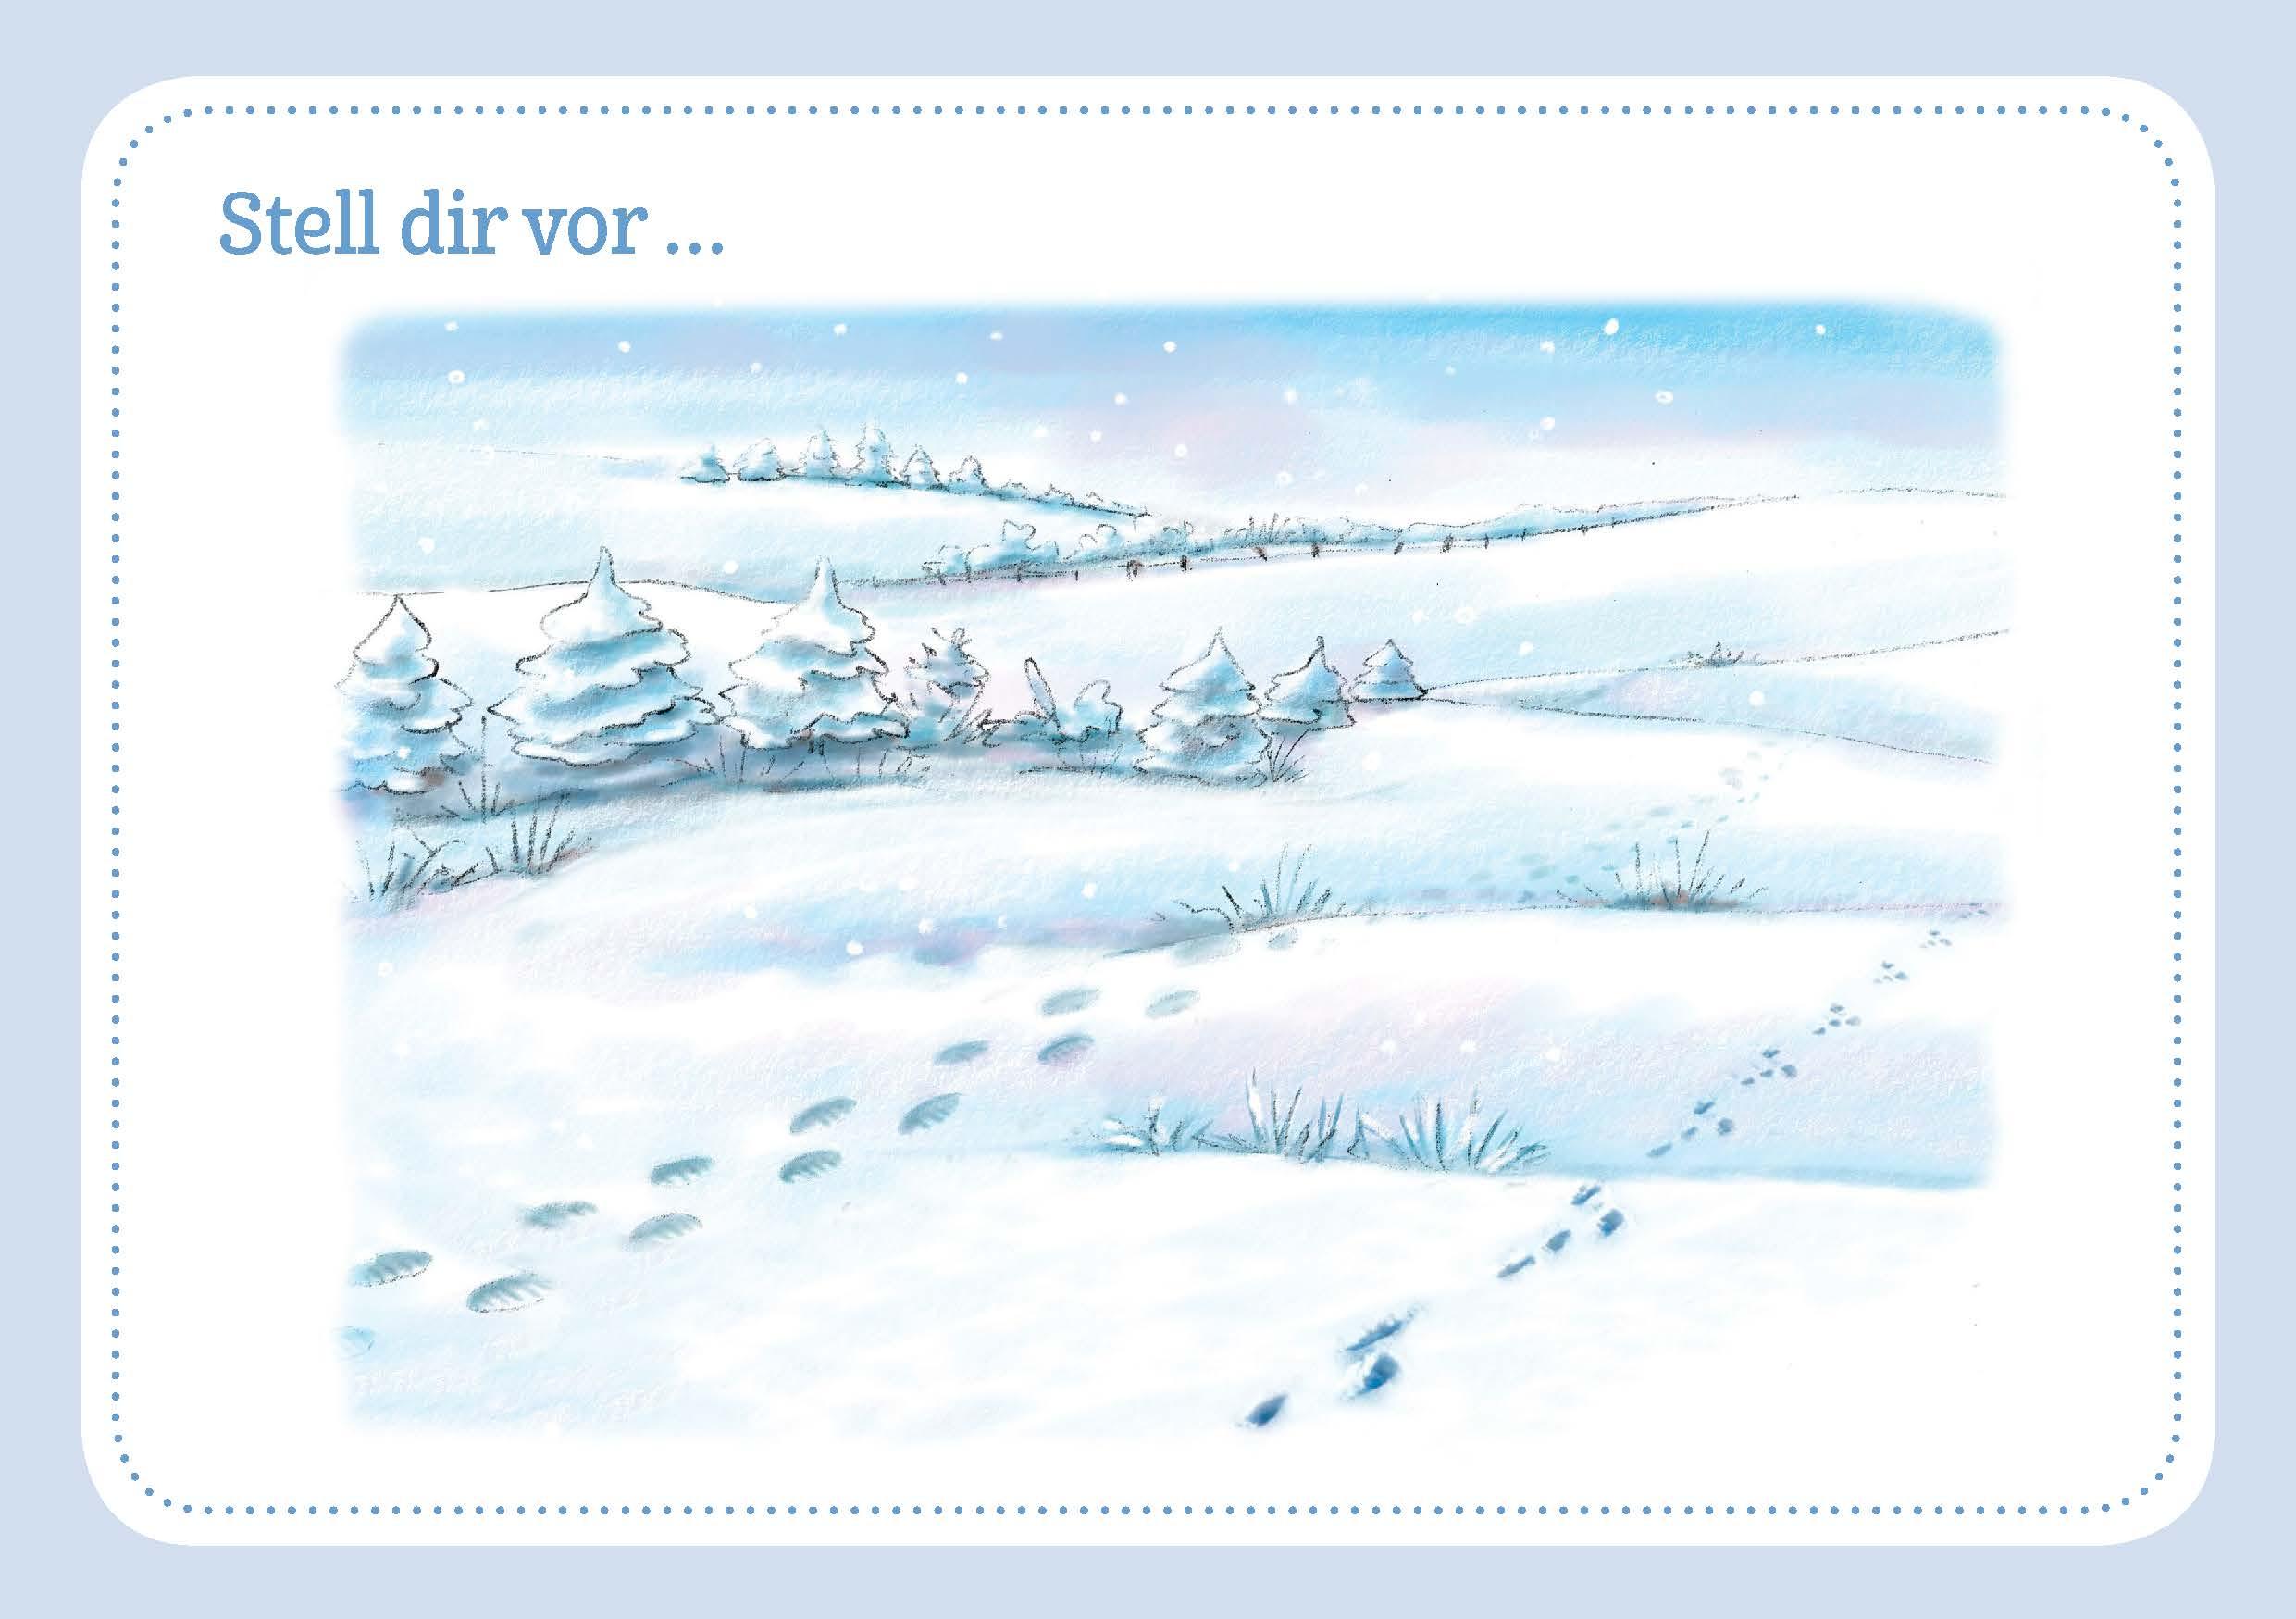 Innenansicht zu 30 Fantasiereisen für Frühling, Sommer, Herbst und Winter.